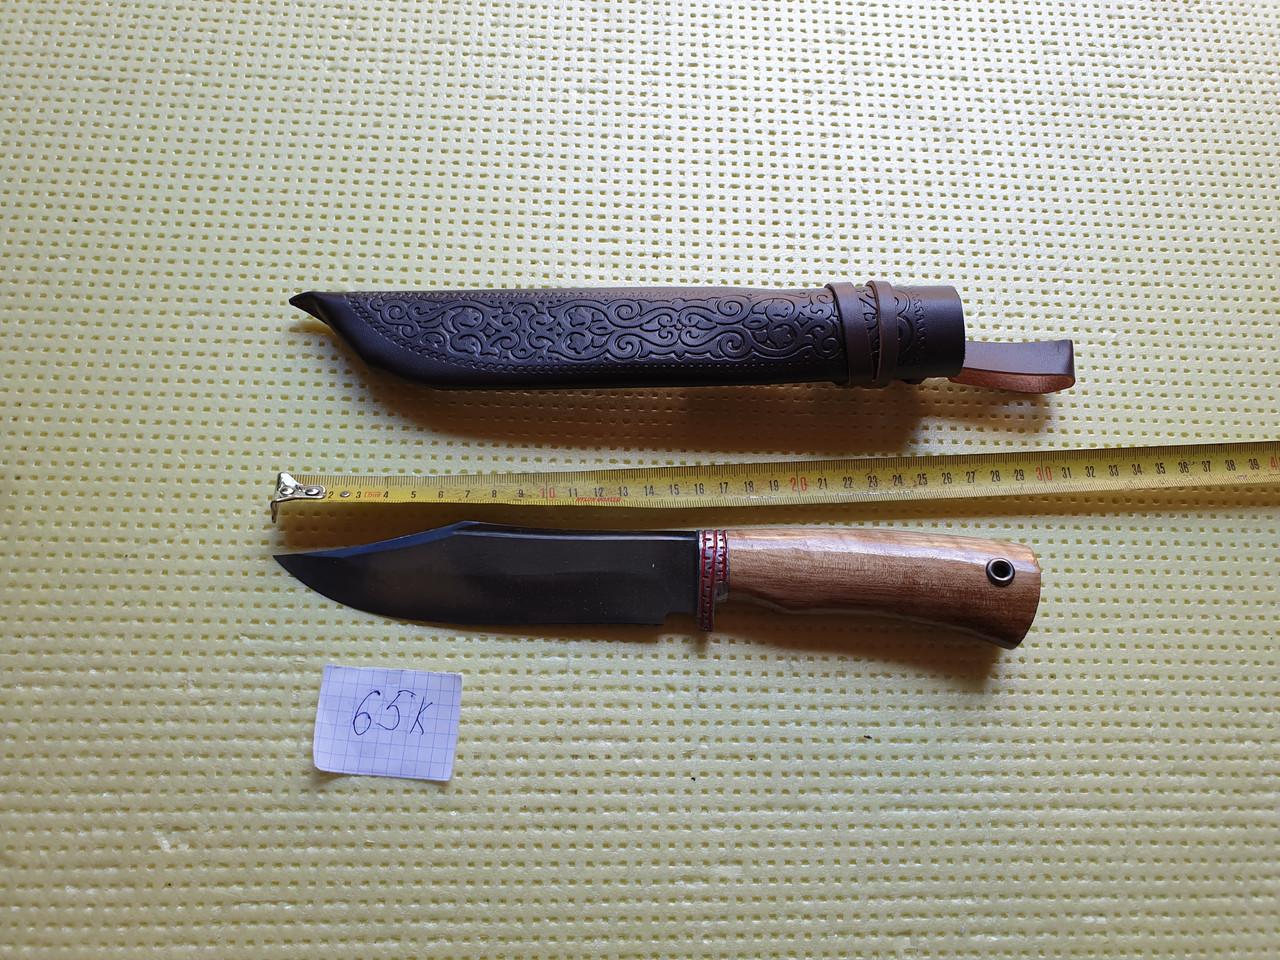 Нож. Традиционные узбекские ножи Пчаки.